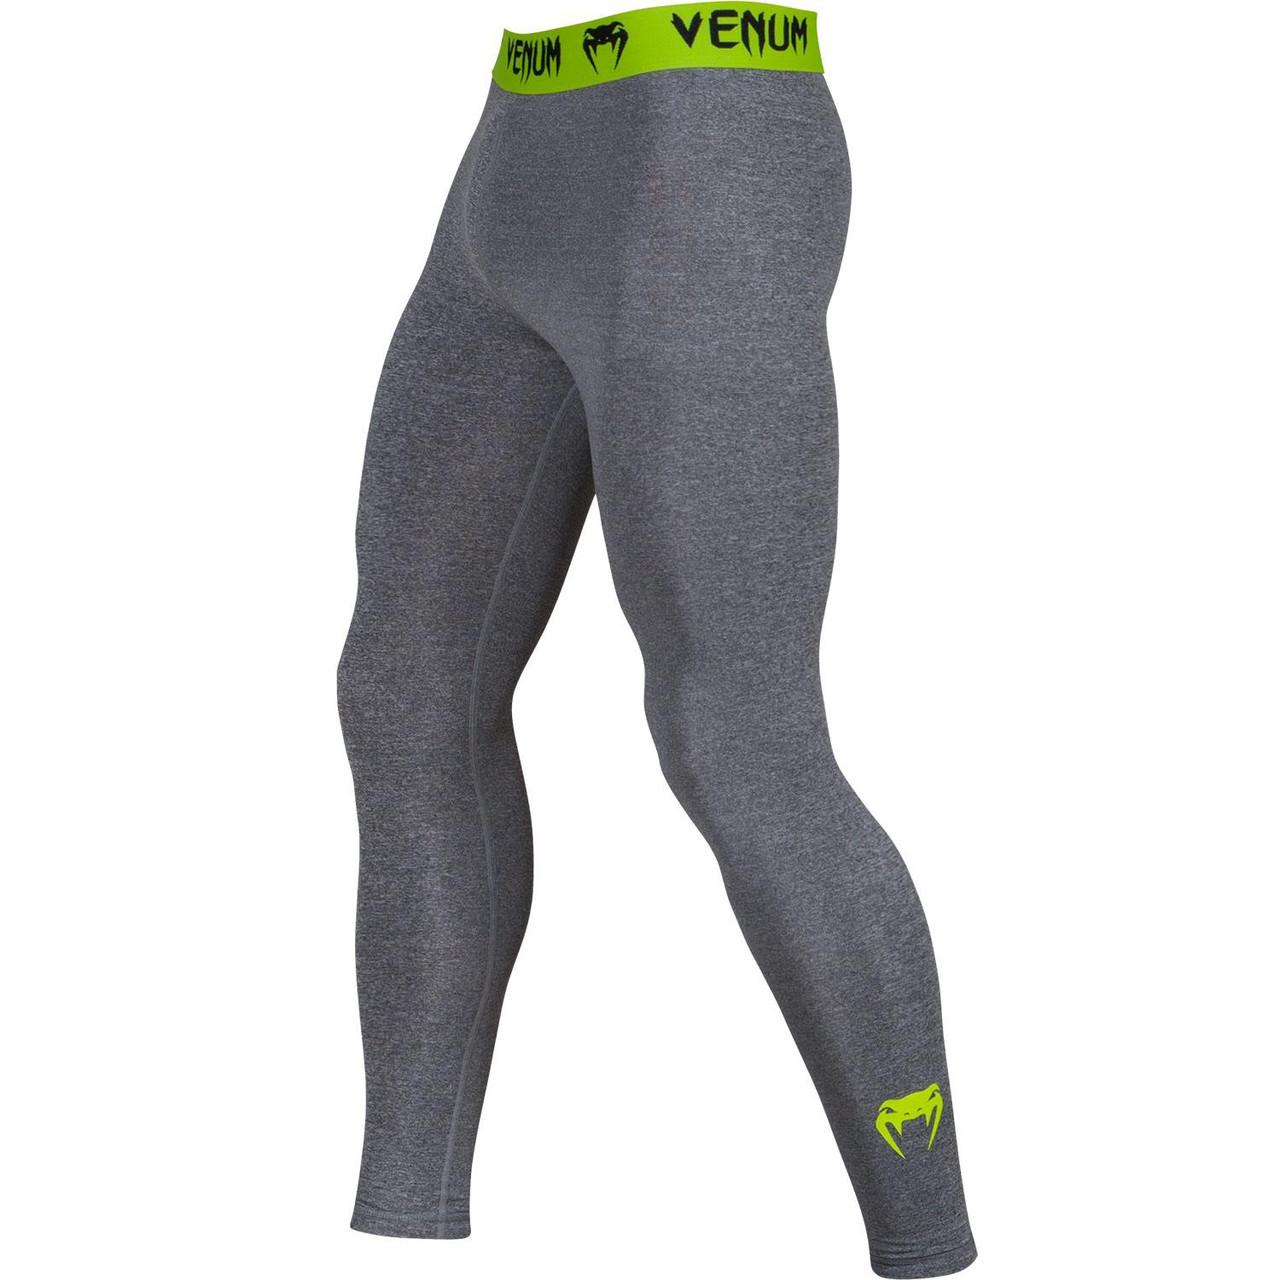 Компрессионные штаны Venum Contender 2.0 S